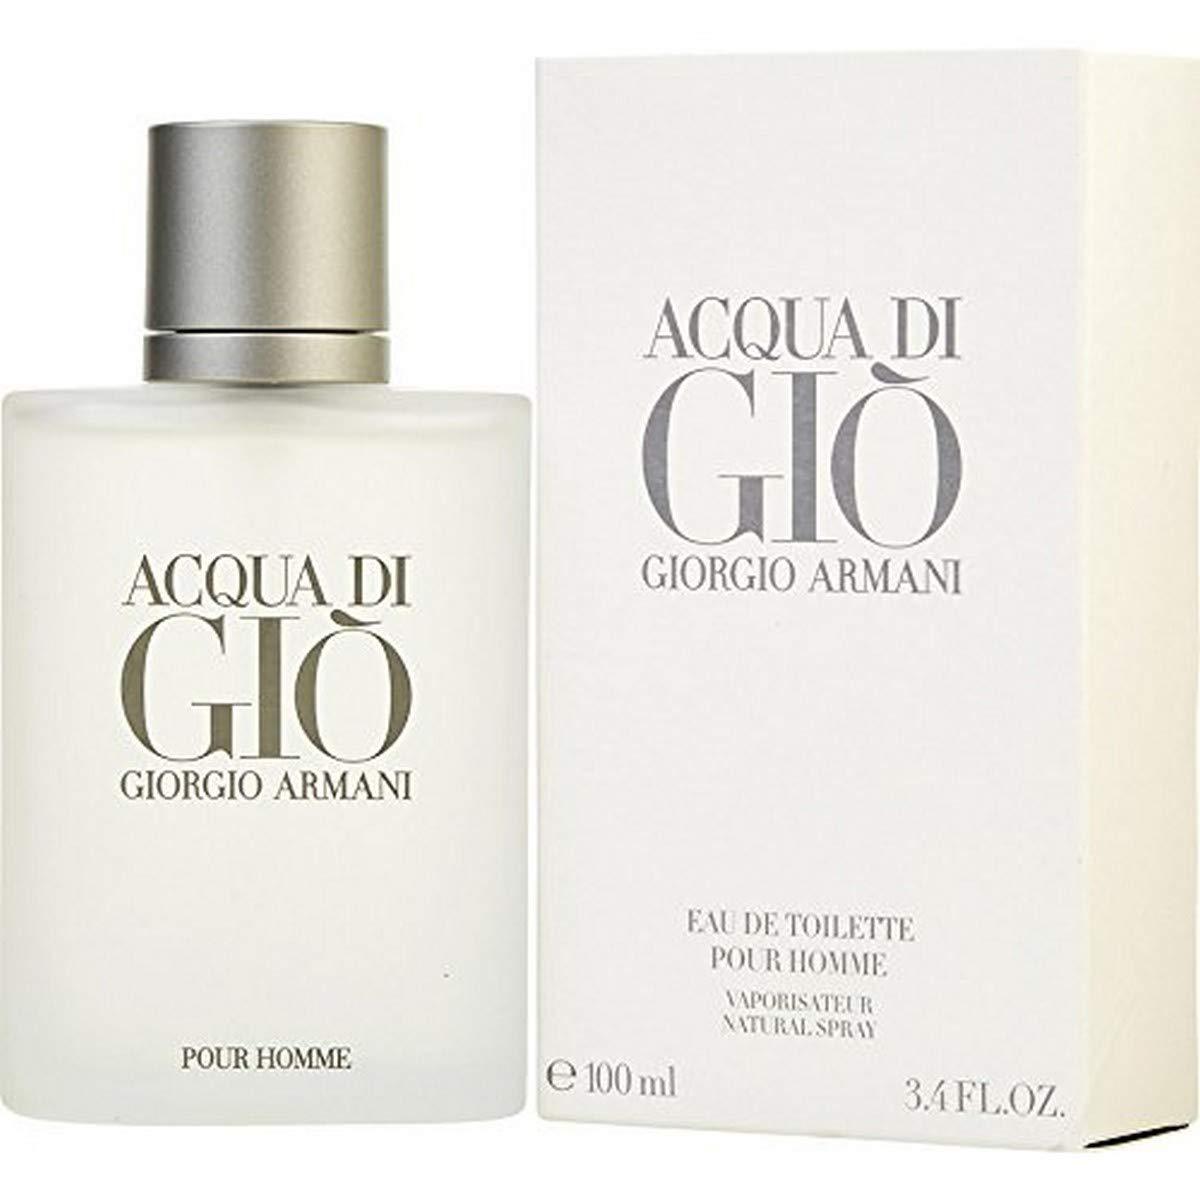 Acqua Di Gio 3.4 Fl. Oz. Eau De Toilette Spray Men by Giorgio Armani